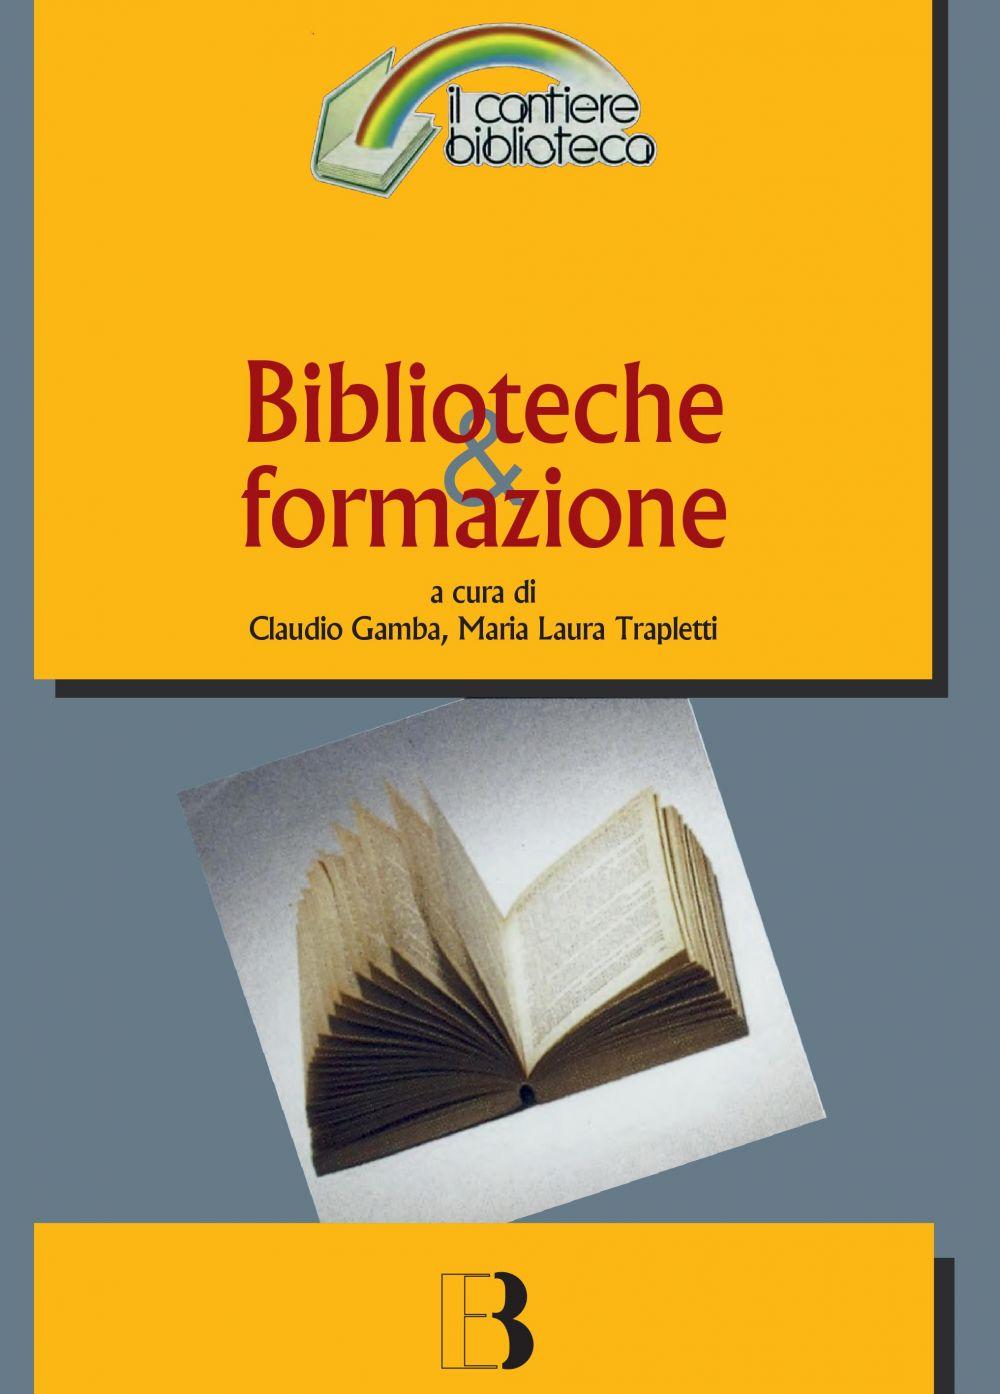 Biblioteche e formazione